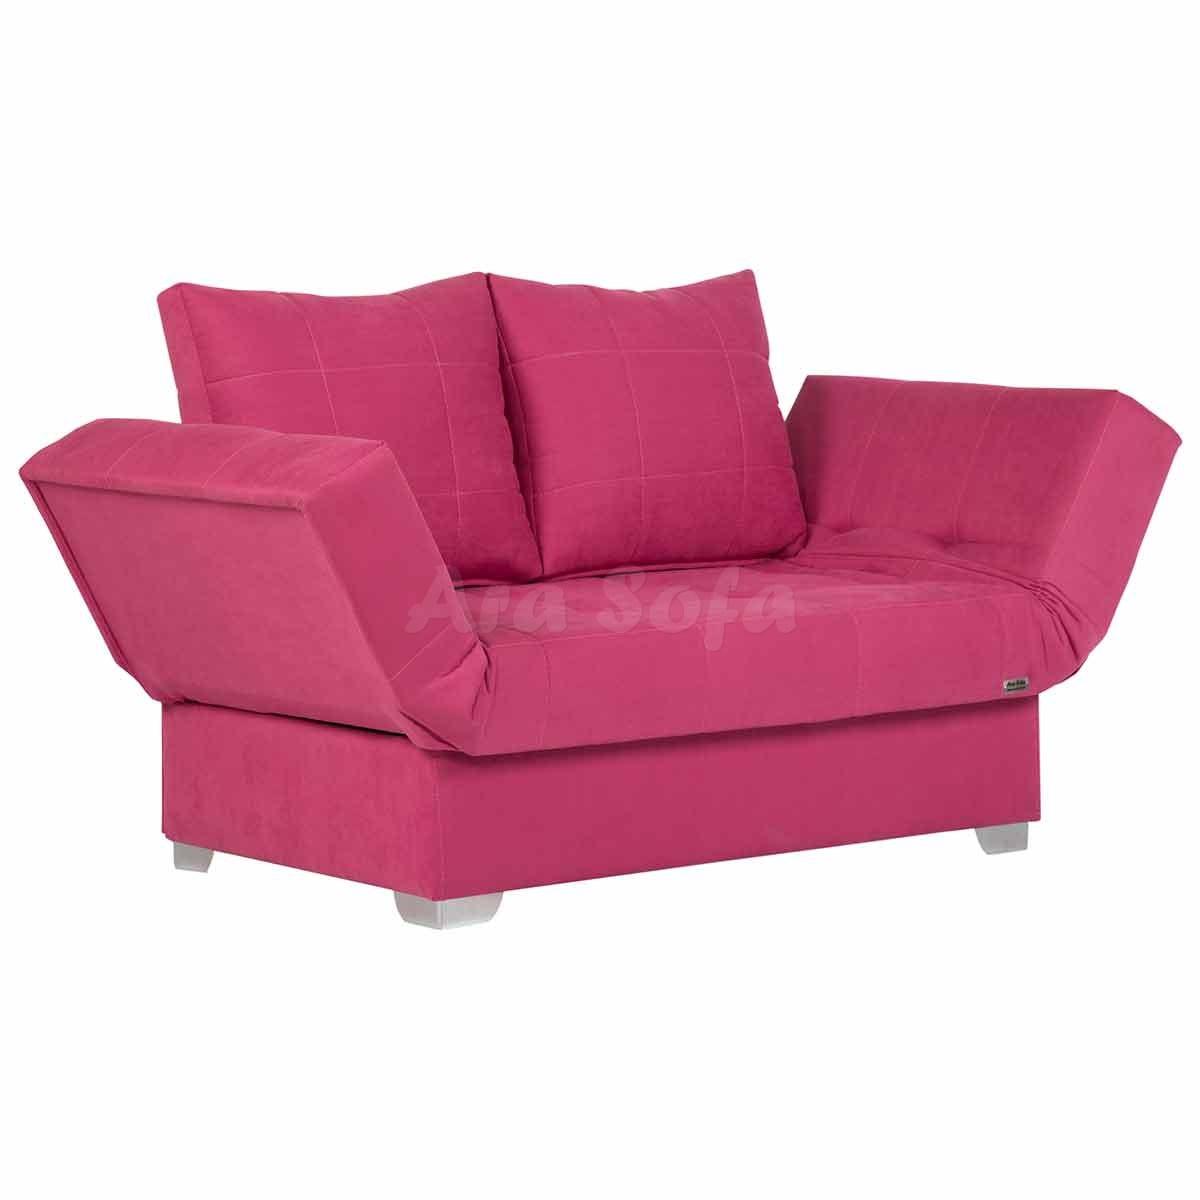 کاناپه تختخواب شو D11